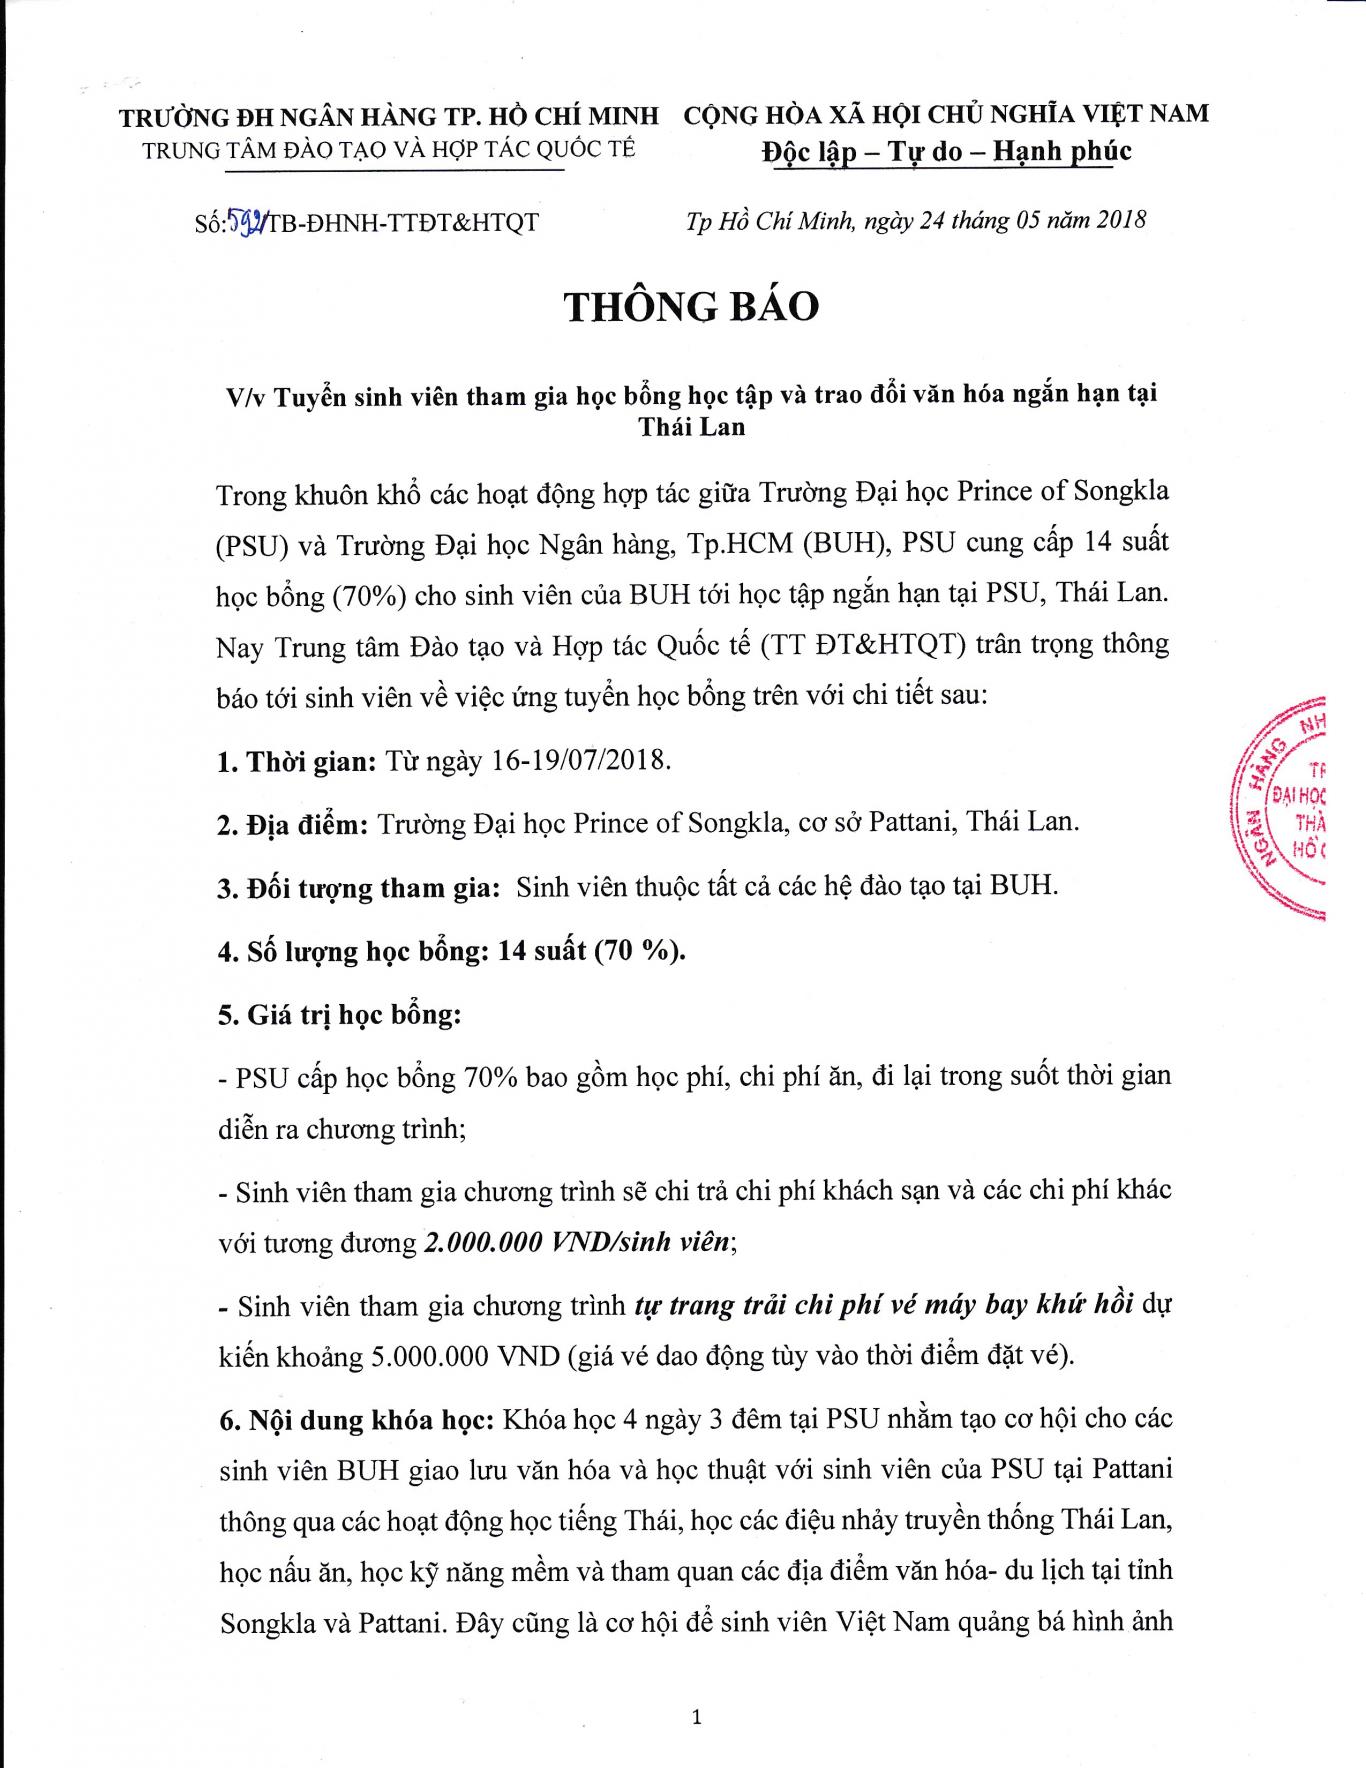 Thong bao hoc bong ngan han tai Thai Lan_Page_1